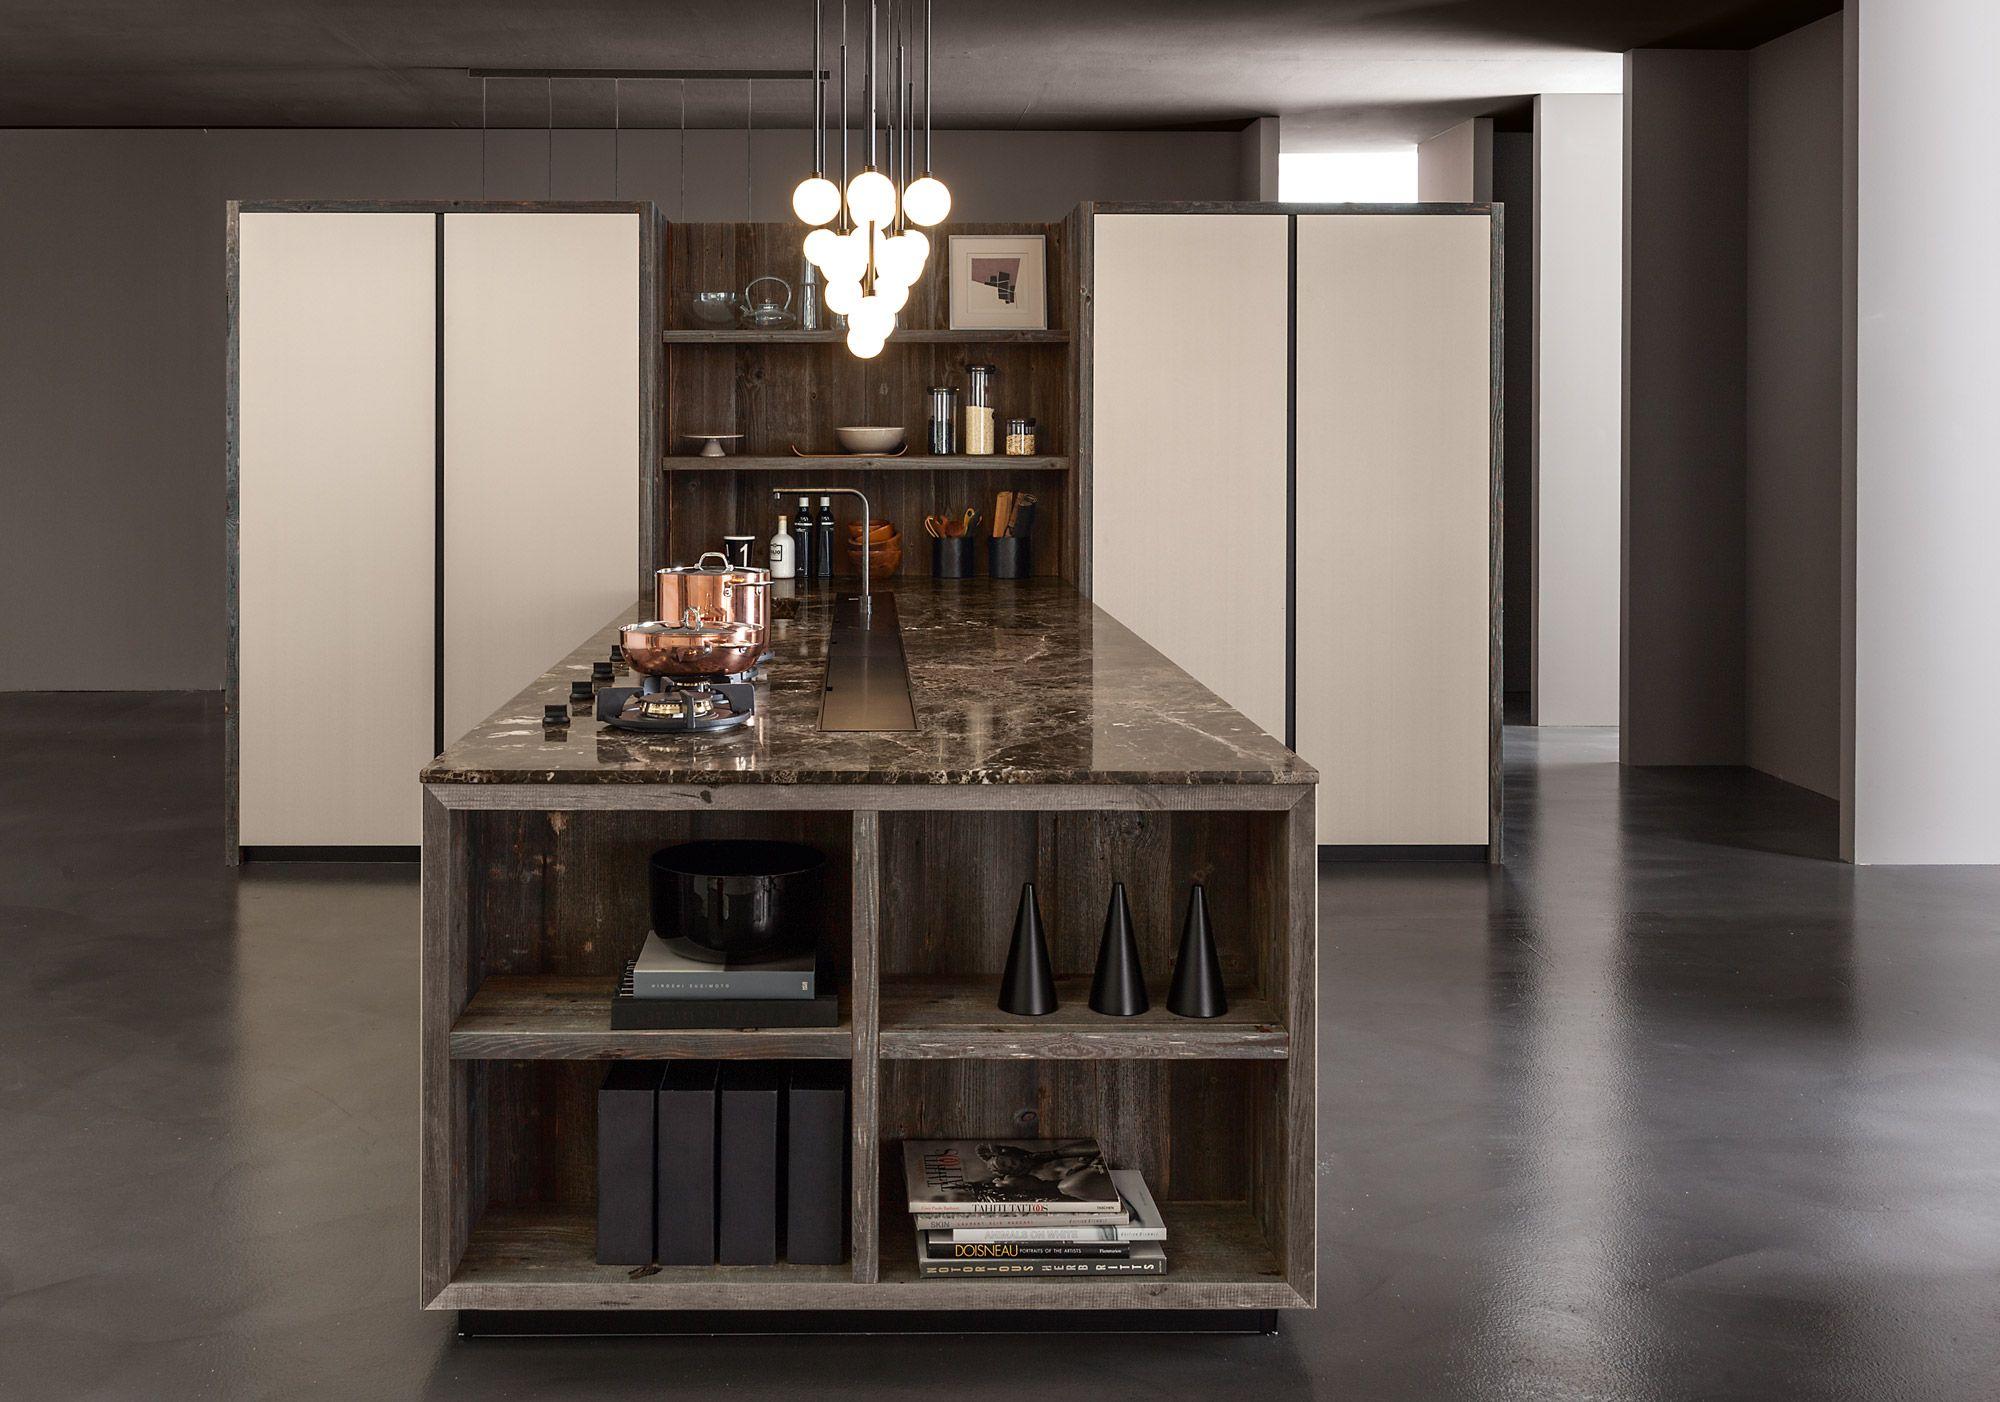 Mittel Cucine Progetto marmo e legno: una composizione che esalta il sapiente ed estroso abbinamento tra materiali ricercati.